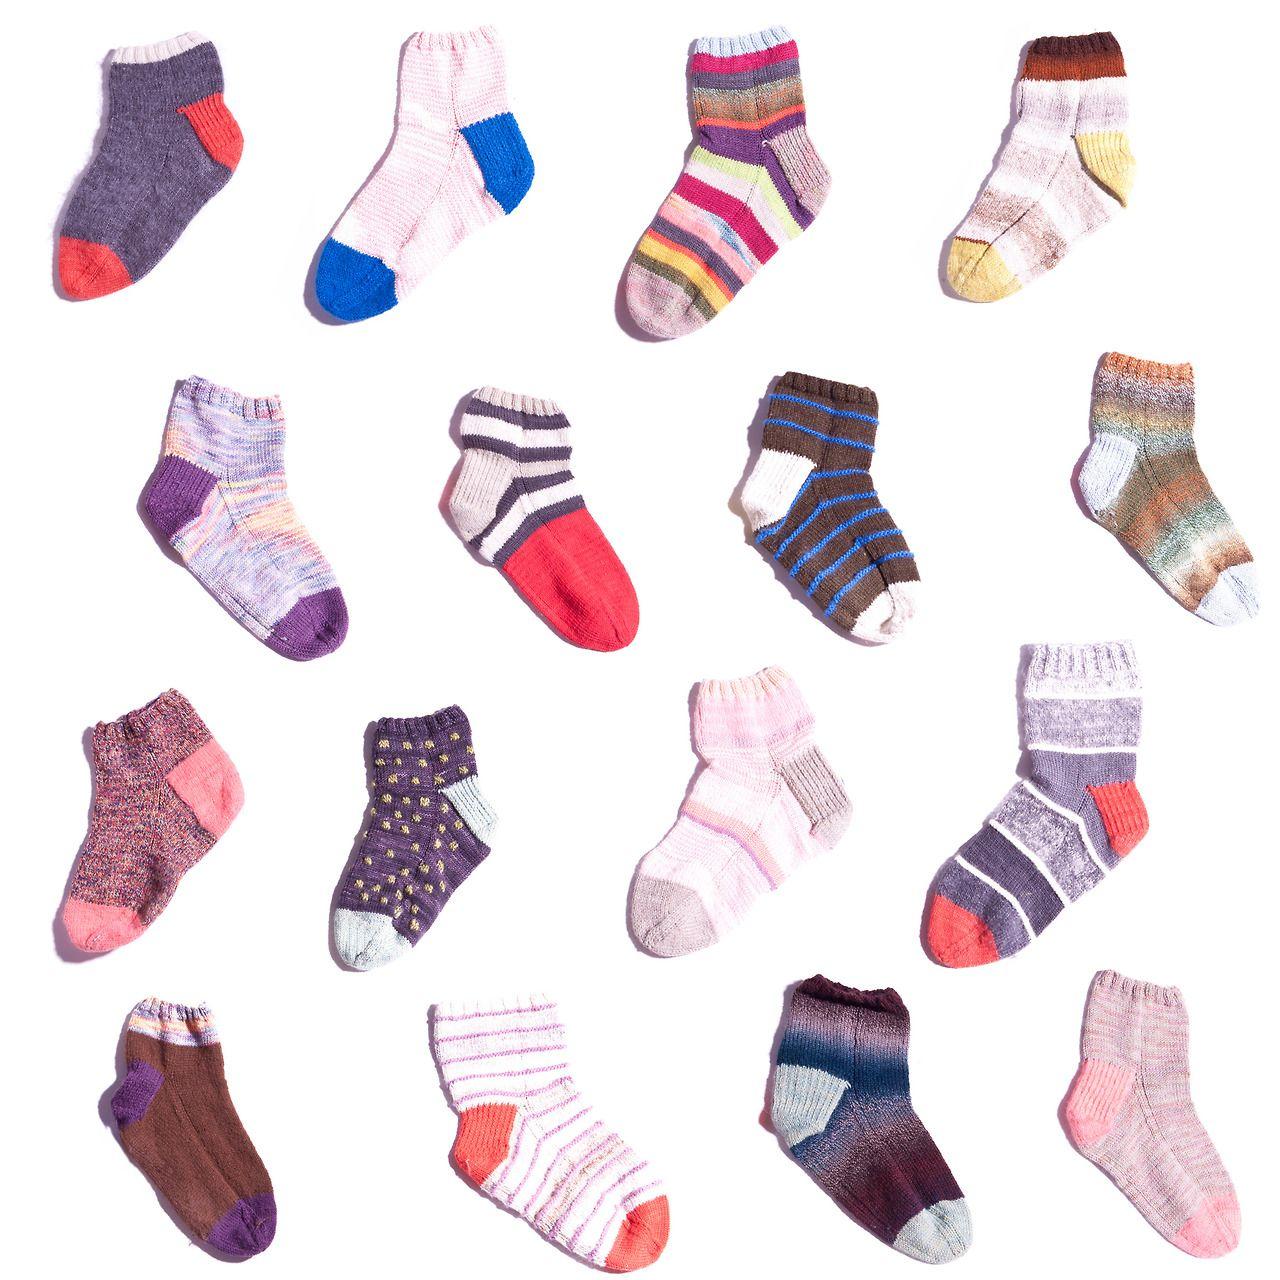 Degen socks sweaterstyle pinterest socks and knit patterns degen socks bankloansurffo Image collections